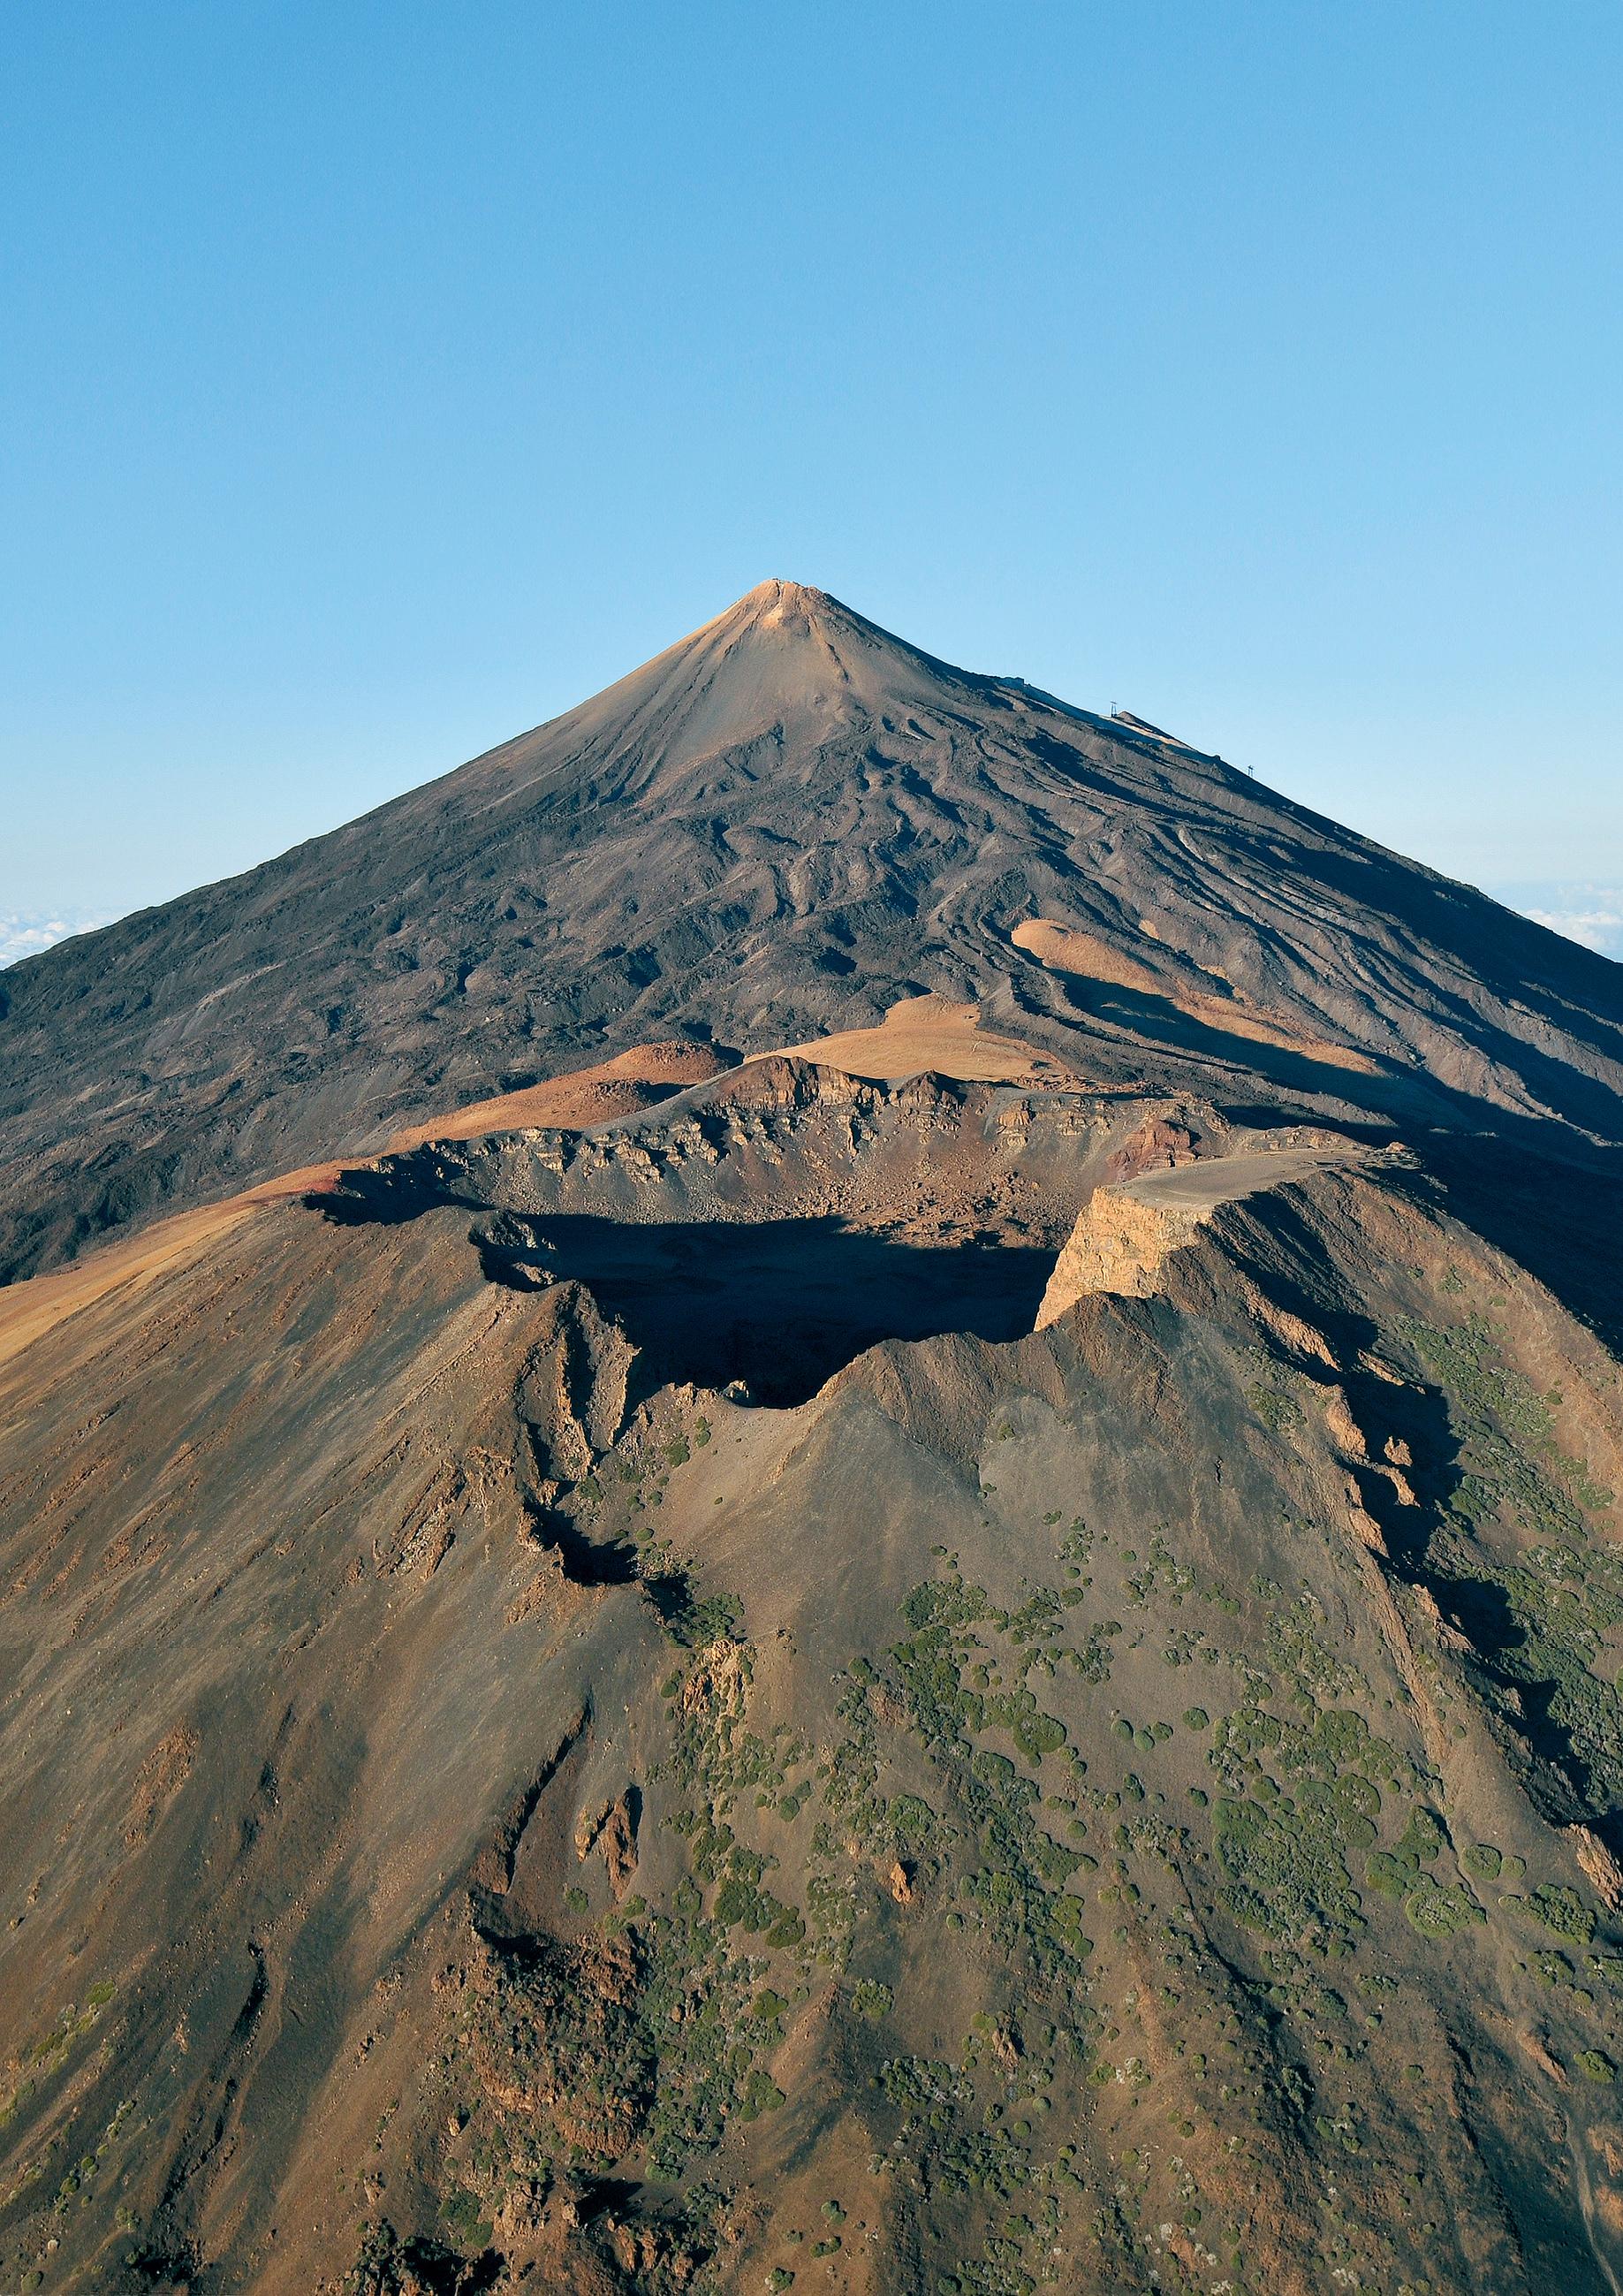 Subir al Teide sin permiso: cráter Pico Viejo